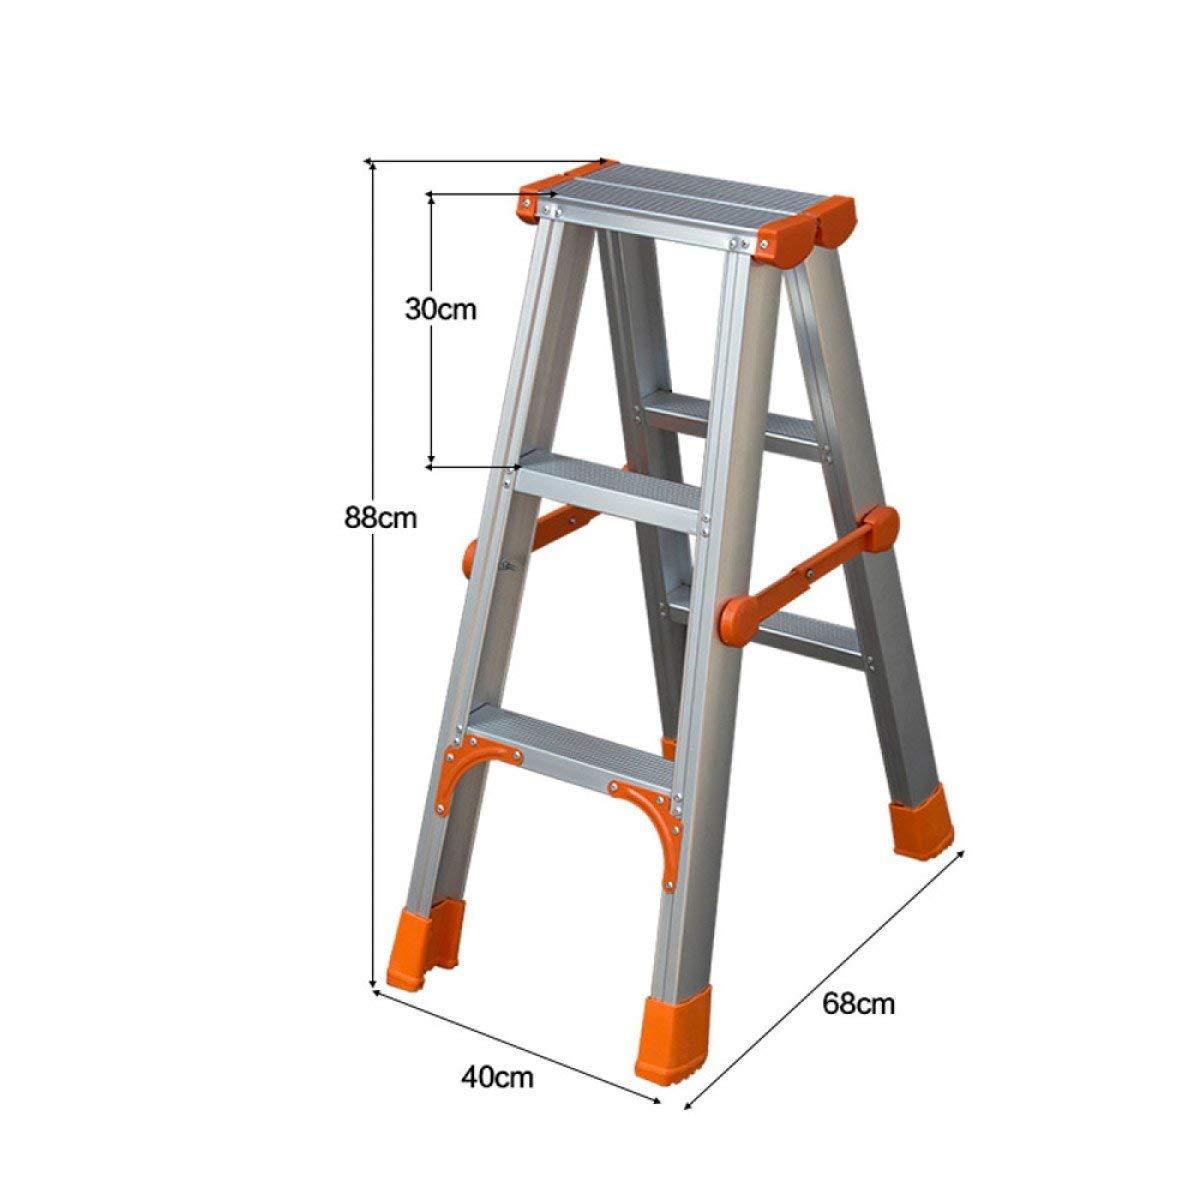 A la venta con descuento del 70%. B Driverder Driverder Driverder Taburete Plegable Ligero Portátil del Paso Escalera Plegable para el hogar Escalera de Aluminio más Gruesa Escalera de Estiramiento Escalera de ingeniería de usos múltiples (Color   B)  mejor calidad